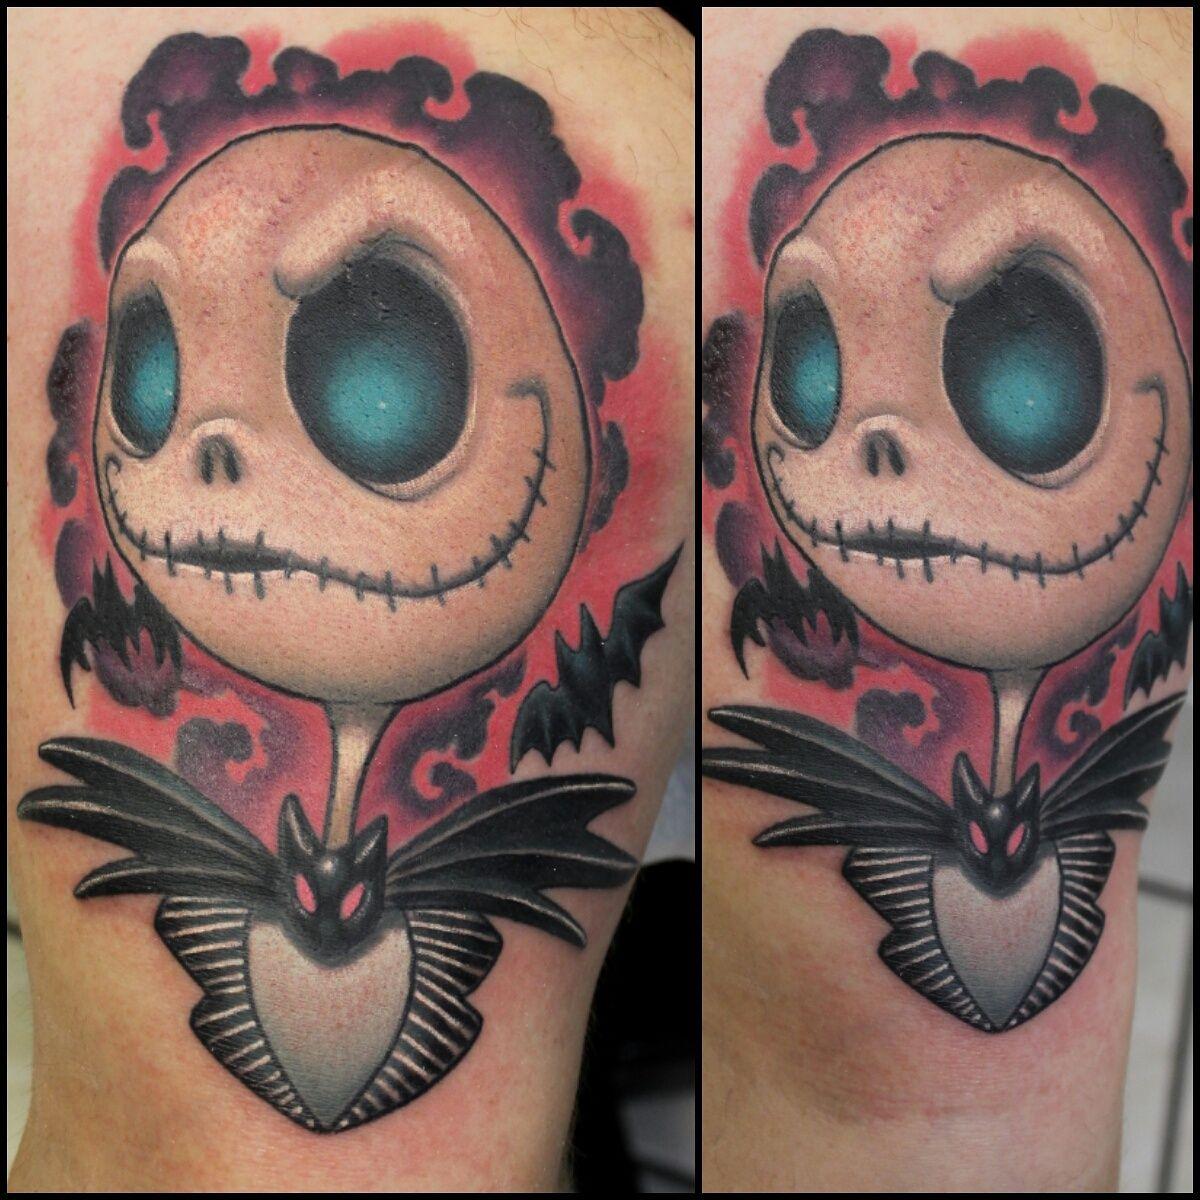 Jack Skellington by me (Tara Quinn) Dandyland Tattoo in